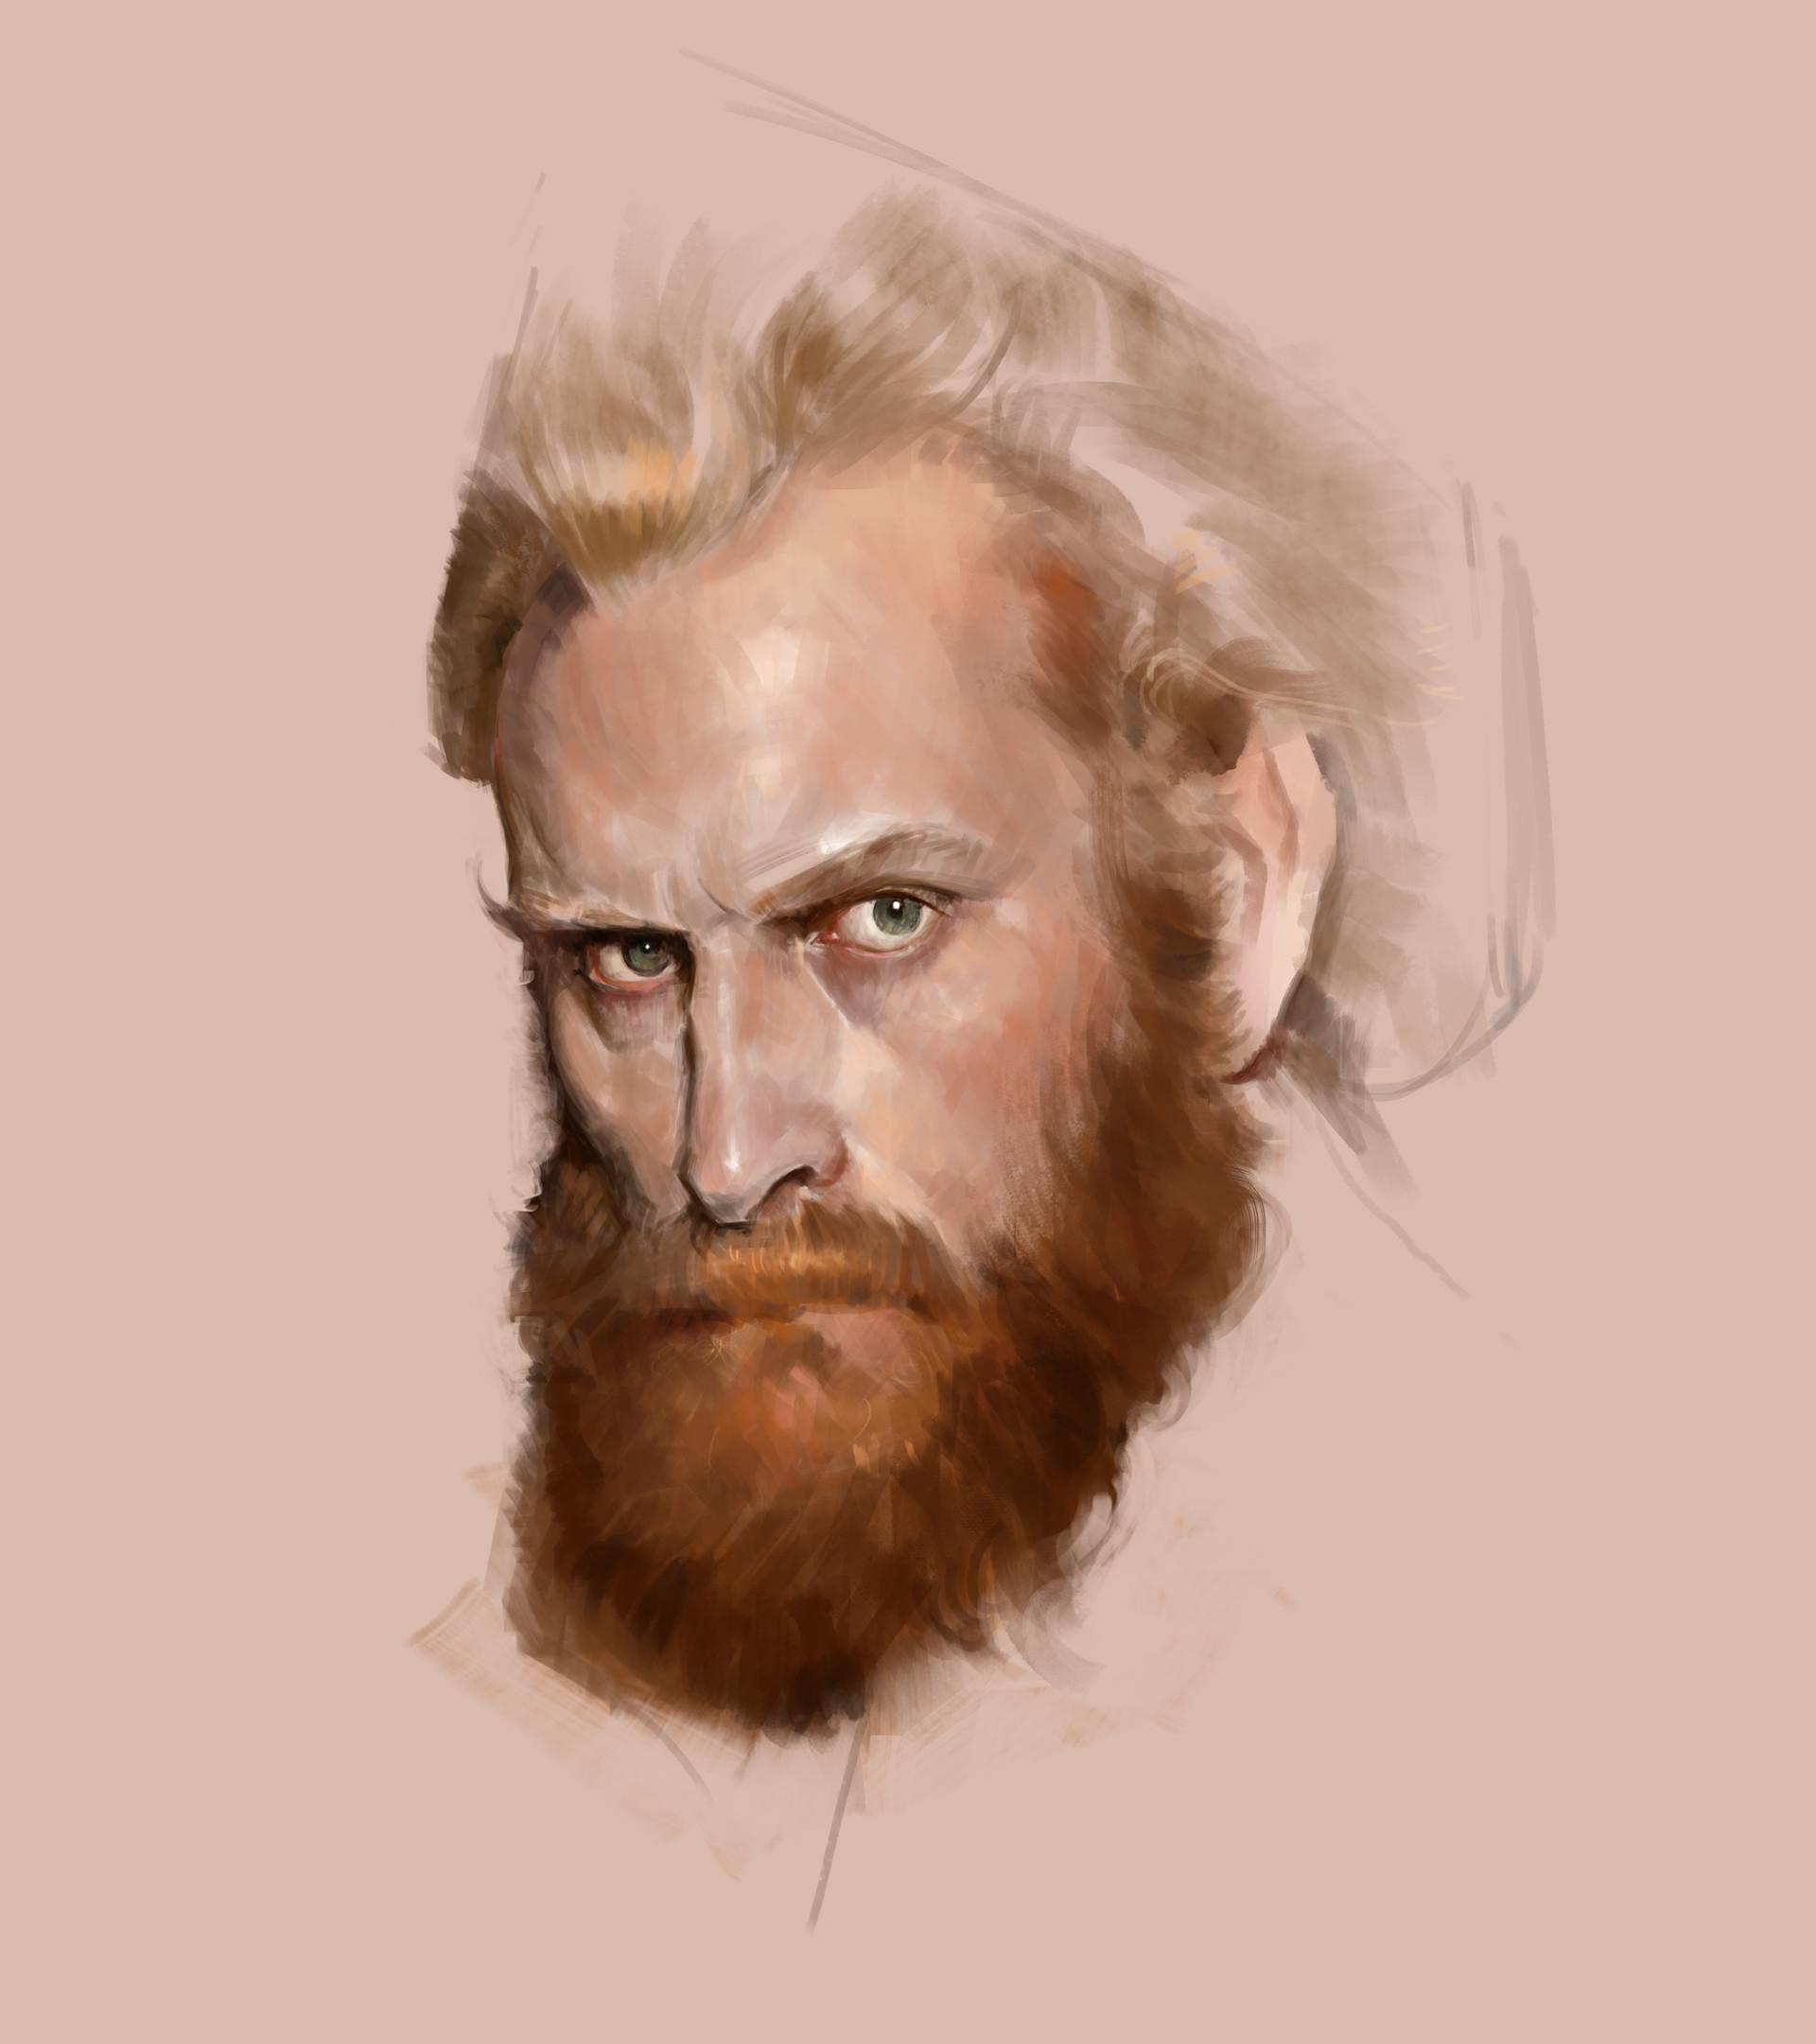 Nikolai karelin 010 viking